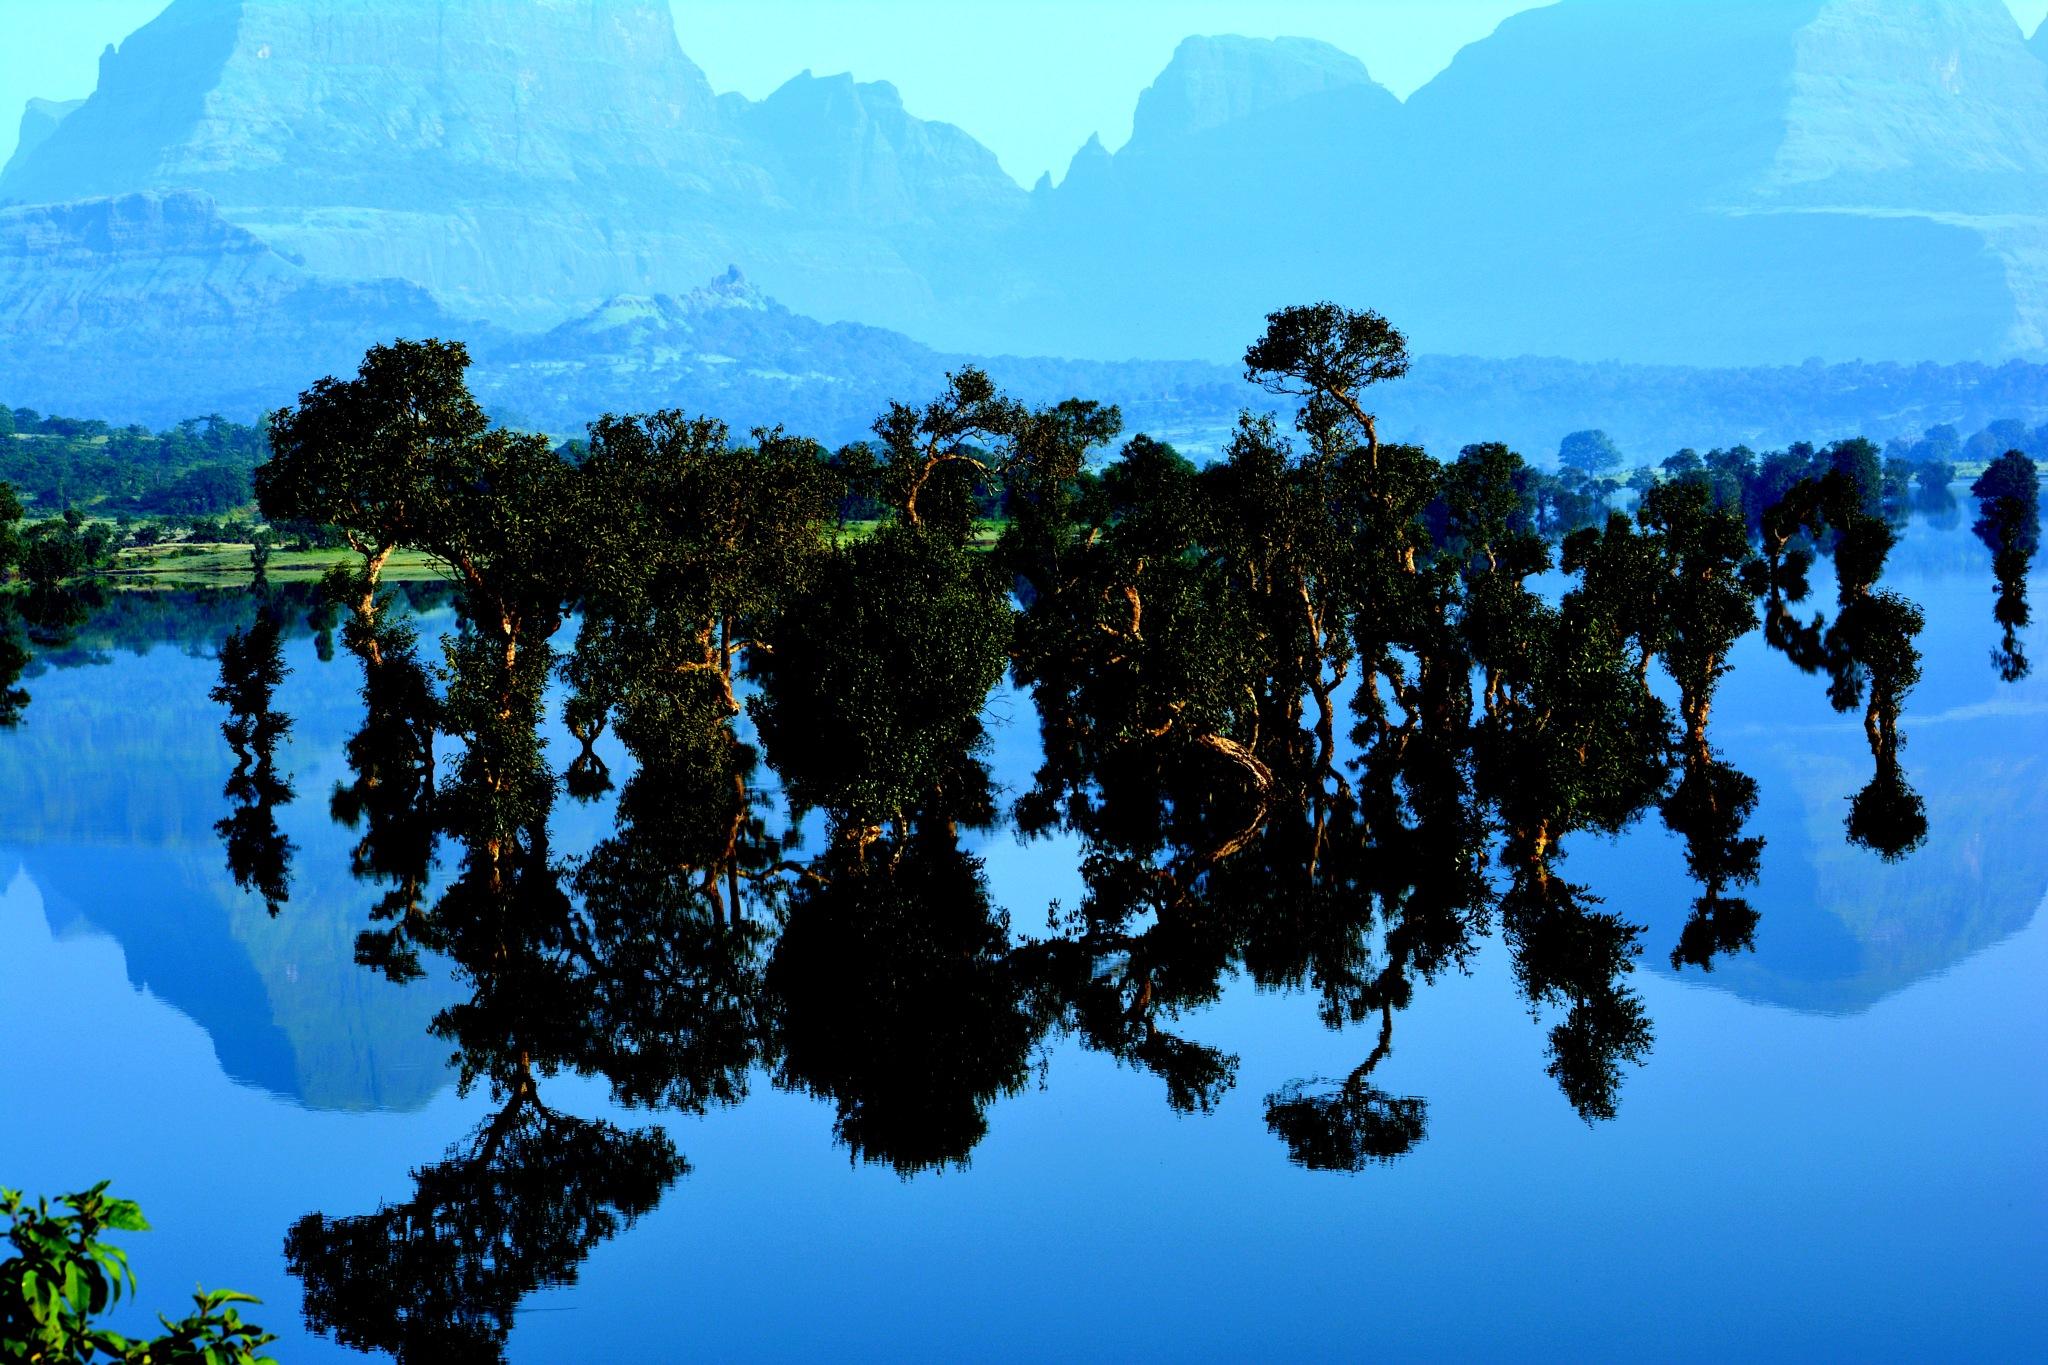 Mirror imgae in still water by Nayan Jain